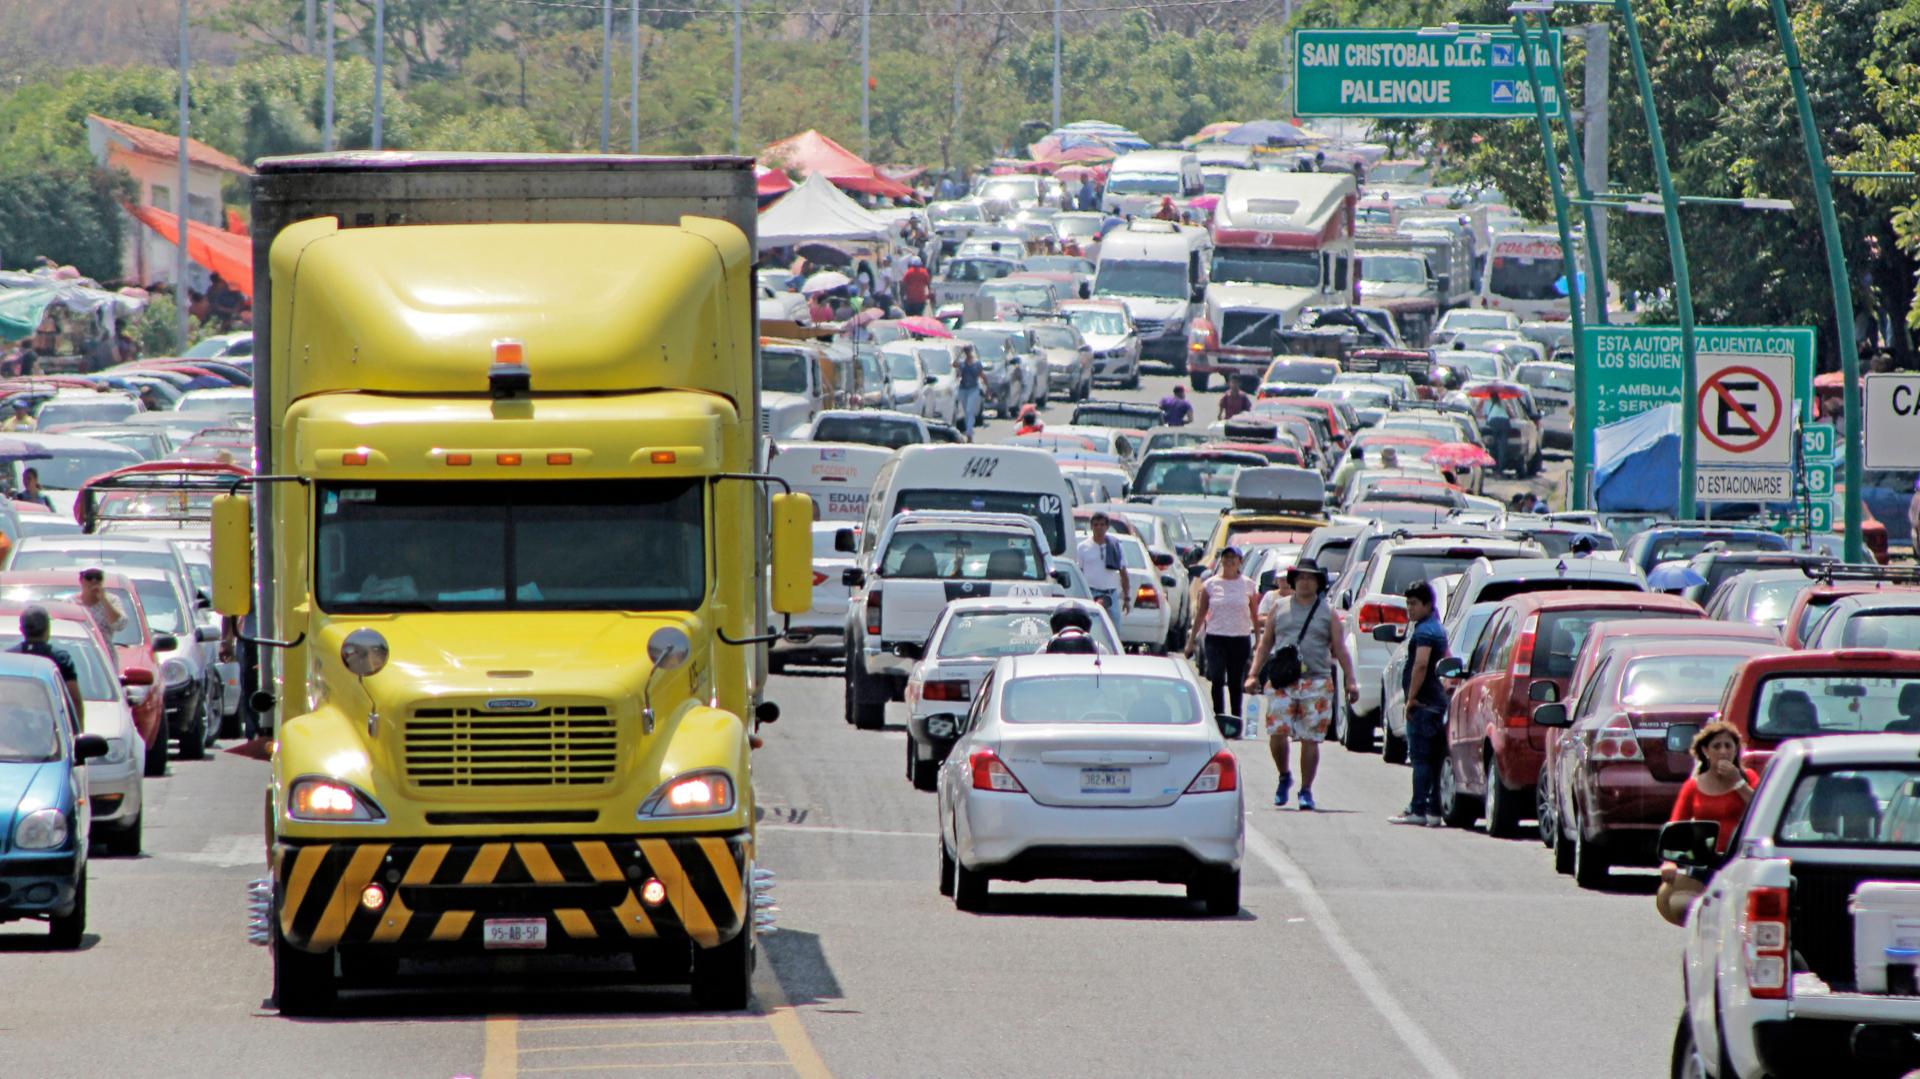 Las autopistas que conectan a CDMX con varios estados registraron aumento de vehículos por el fin de la temporada vacacional de Semana Santa (Foto:JACOB GARCÍA /CUARTOSCURO.COM)